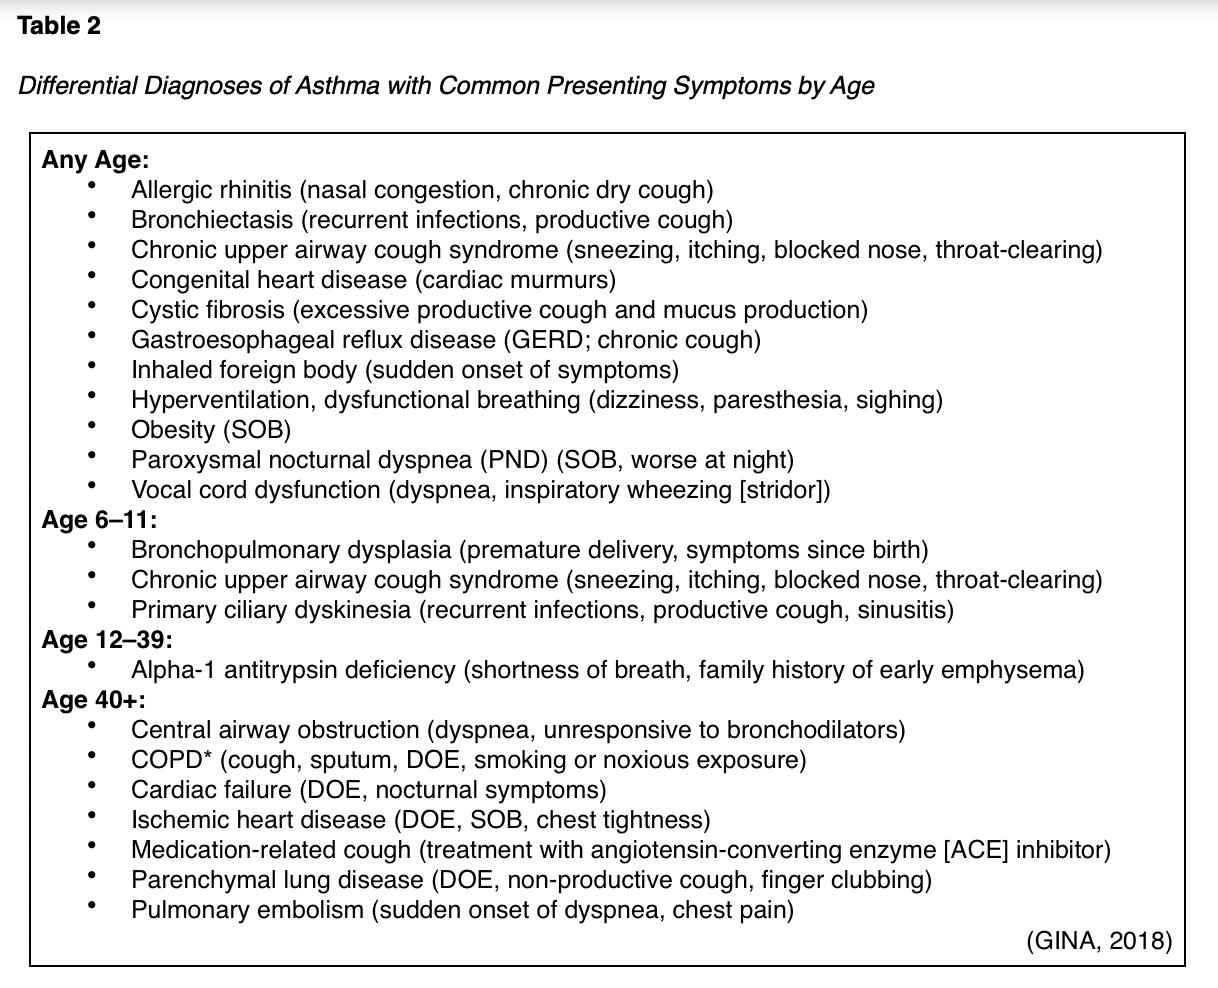 Asthma Nursing CE Course for APRNs Part 1: Pathophysiology ...